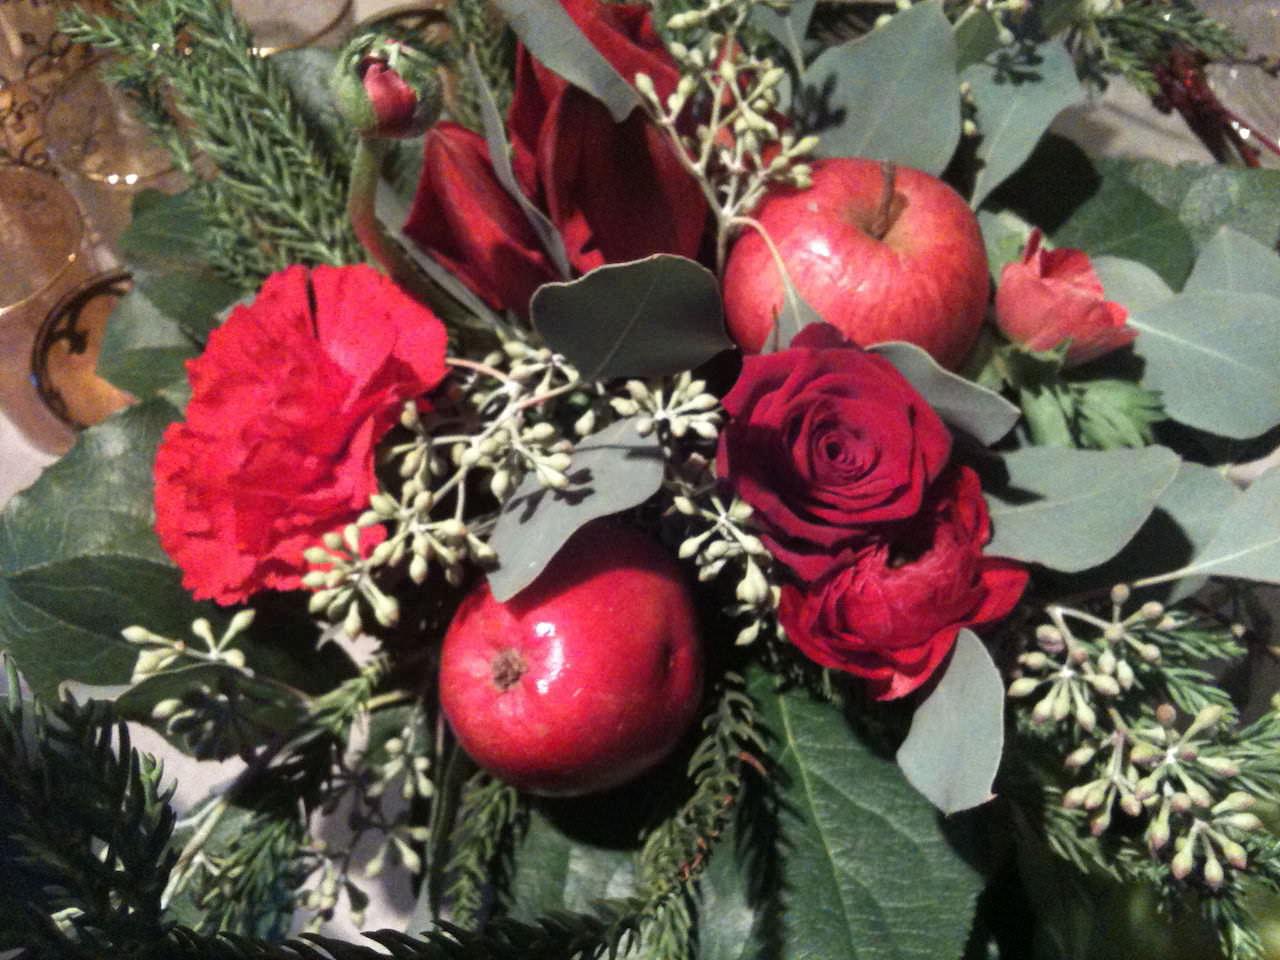 Afskårne Roser står du og mangler en julebuket eller nogle afskårne blomster til